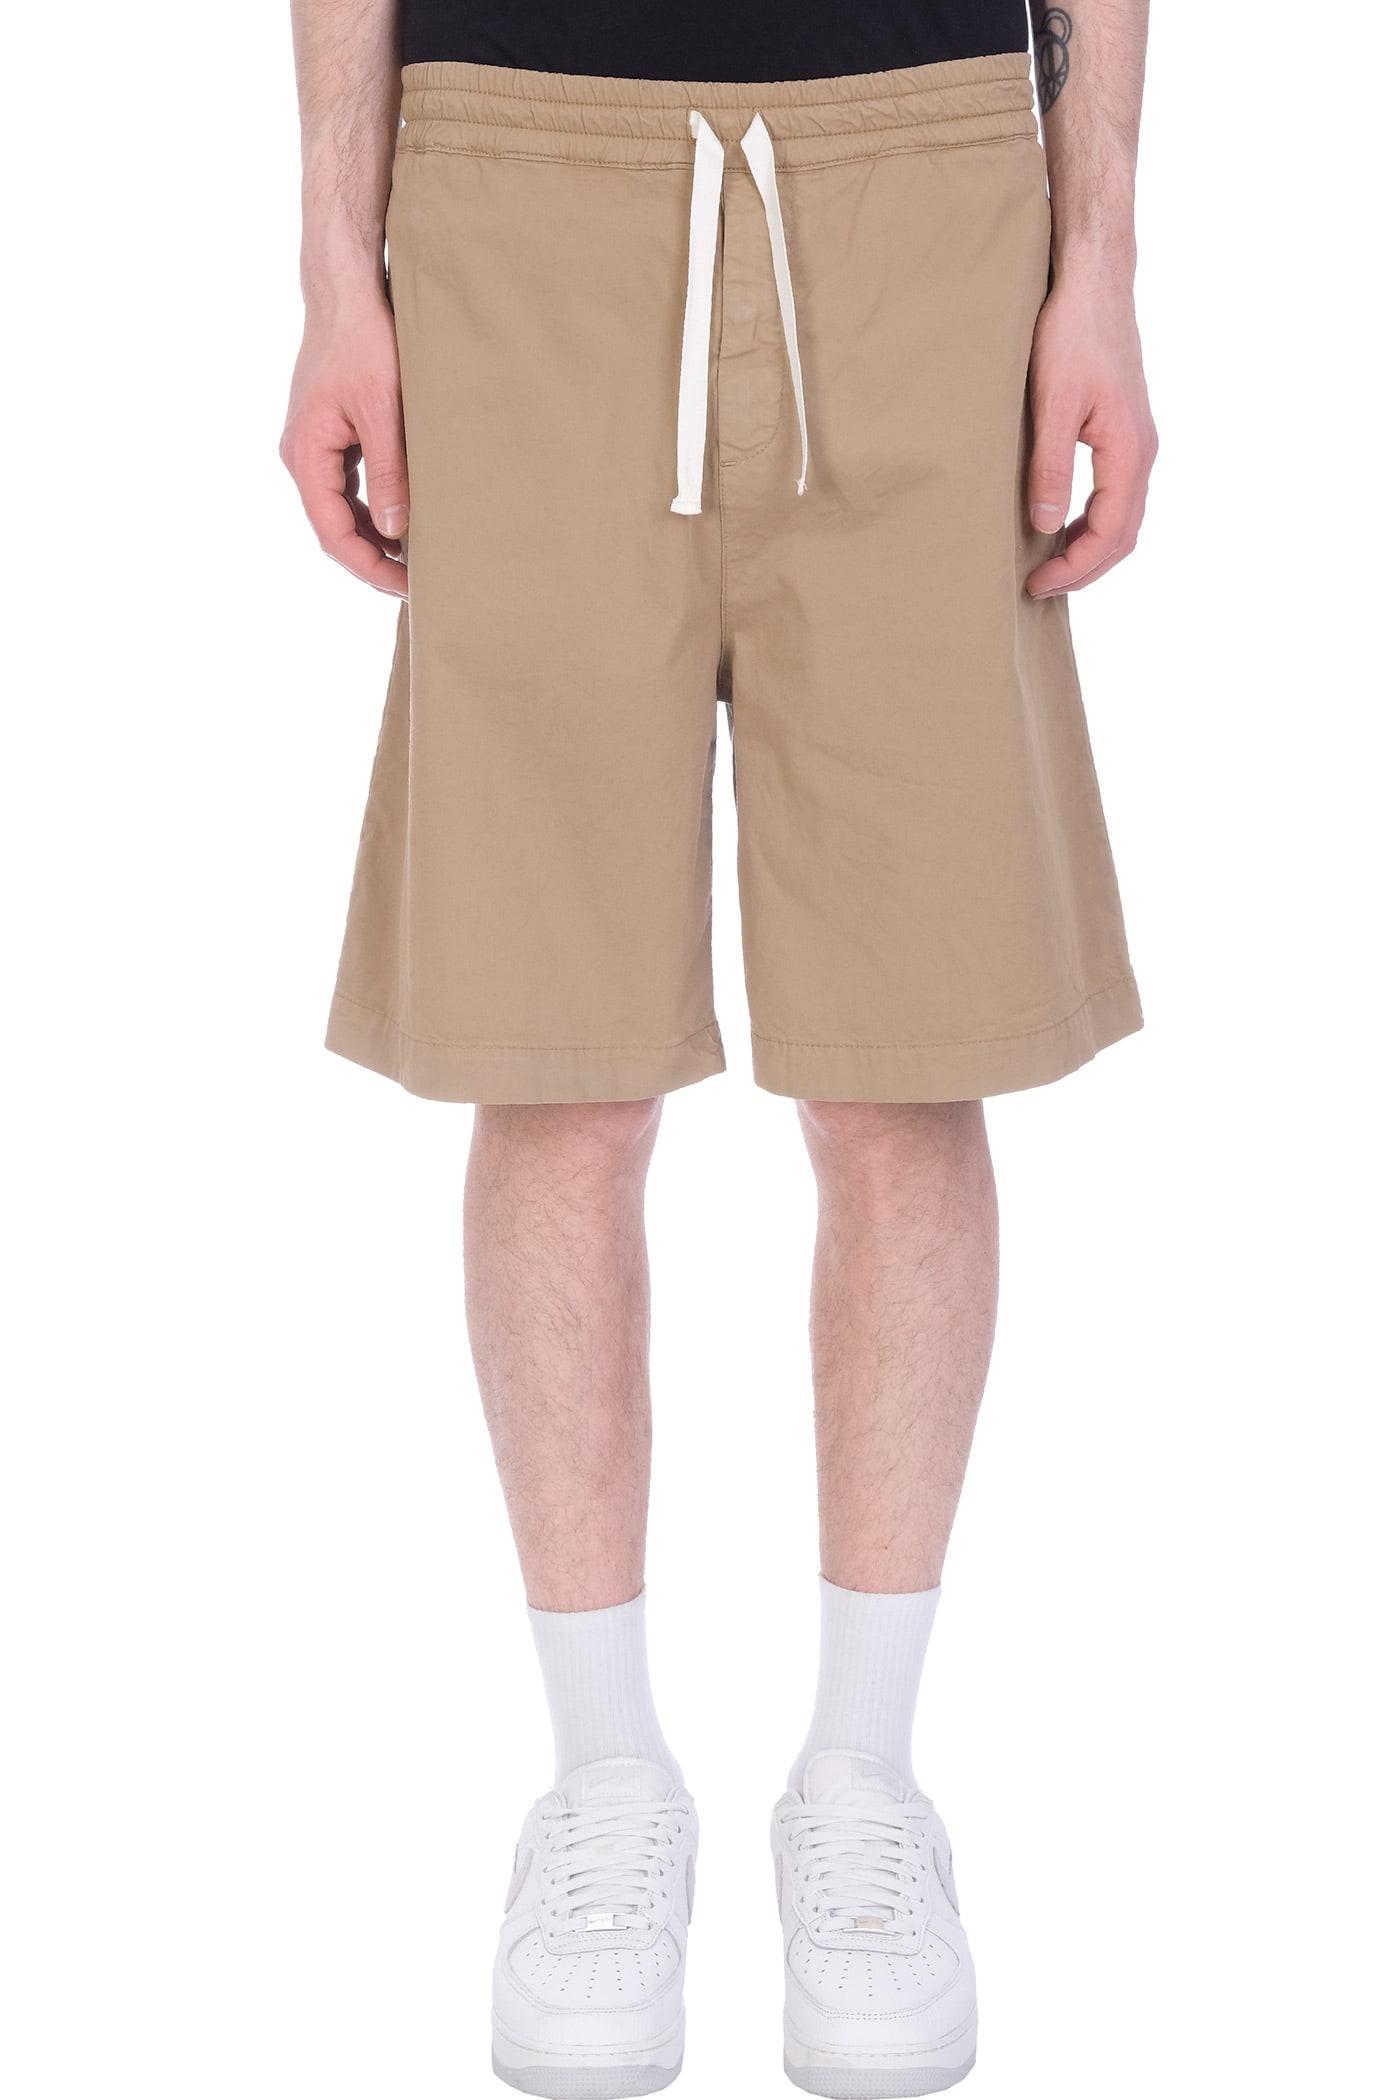 Baviera Shorts In Beige Cotton